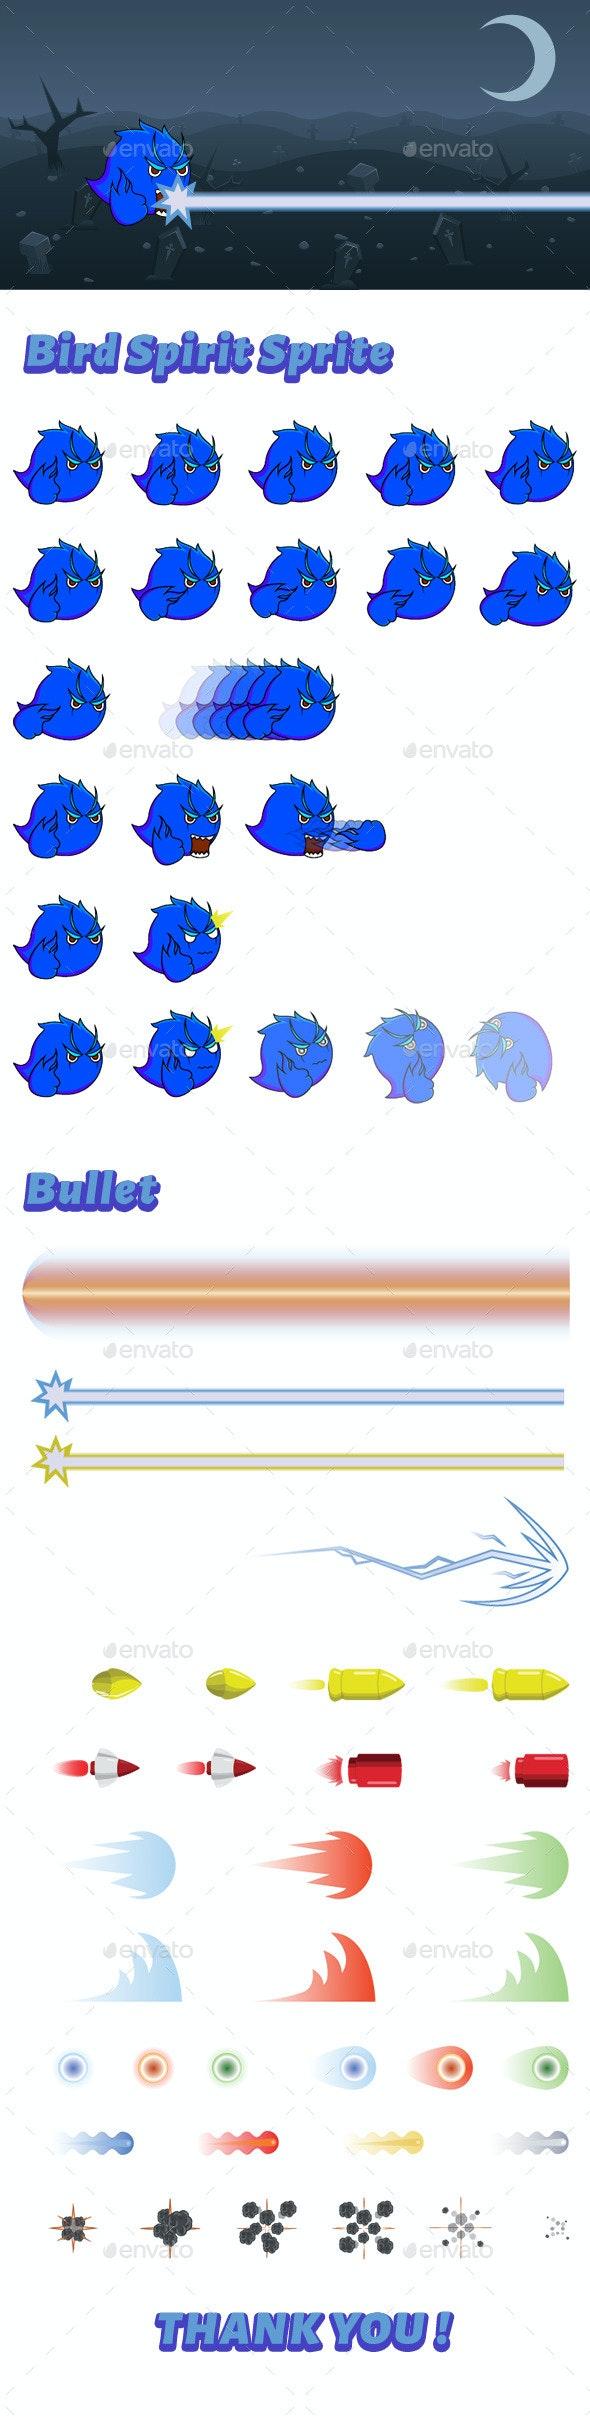 Monster Bird Spirit Sprite - Sprites Game Assets